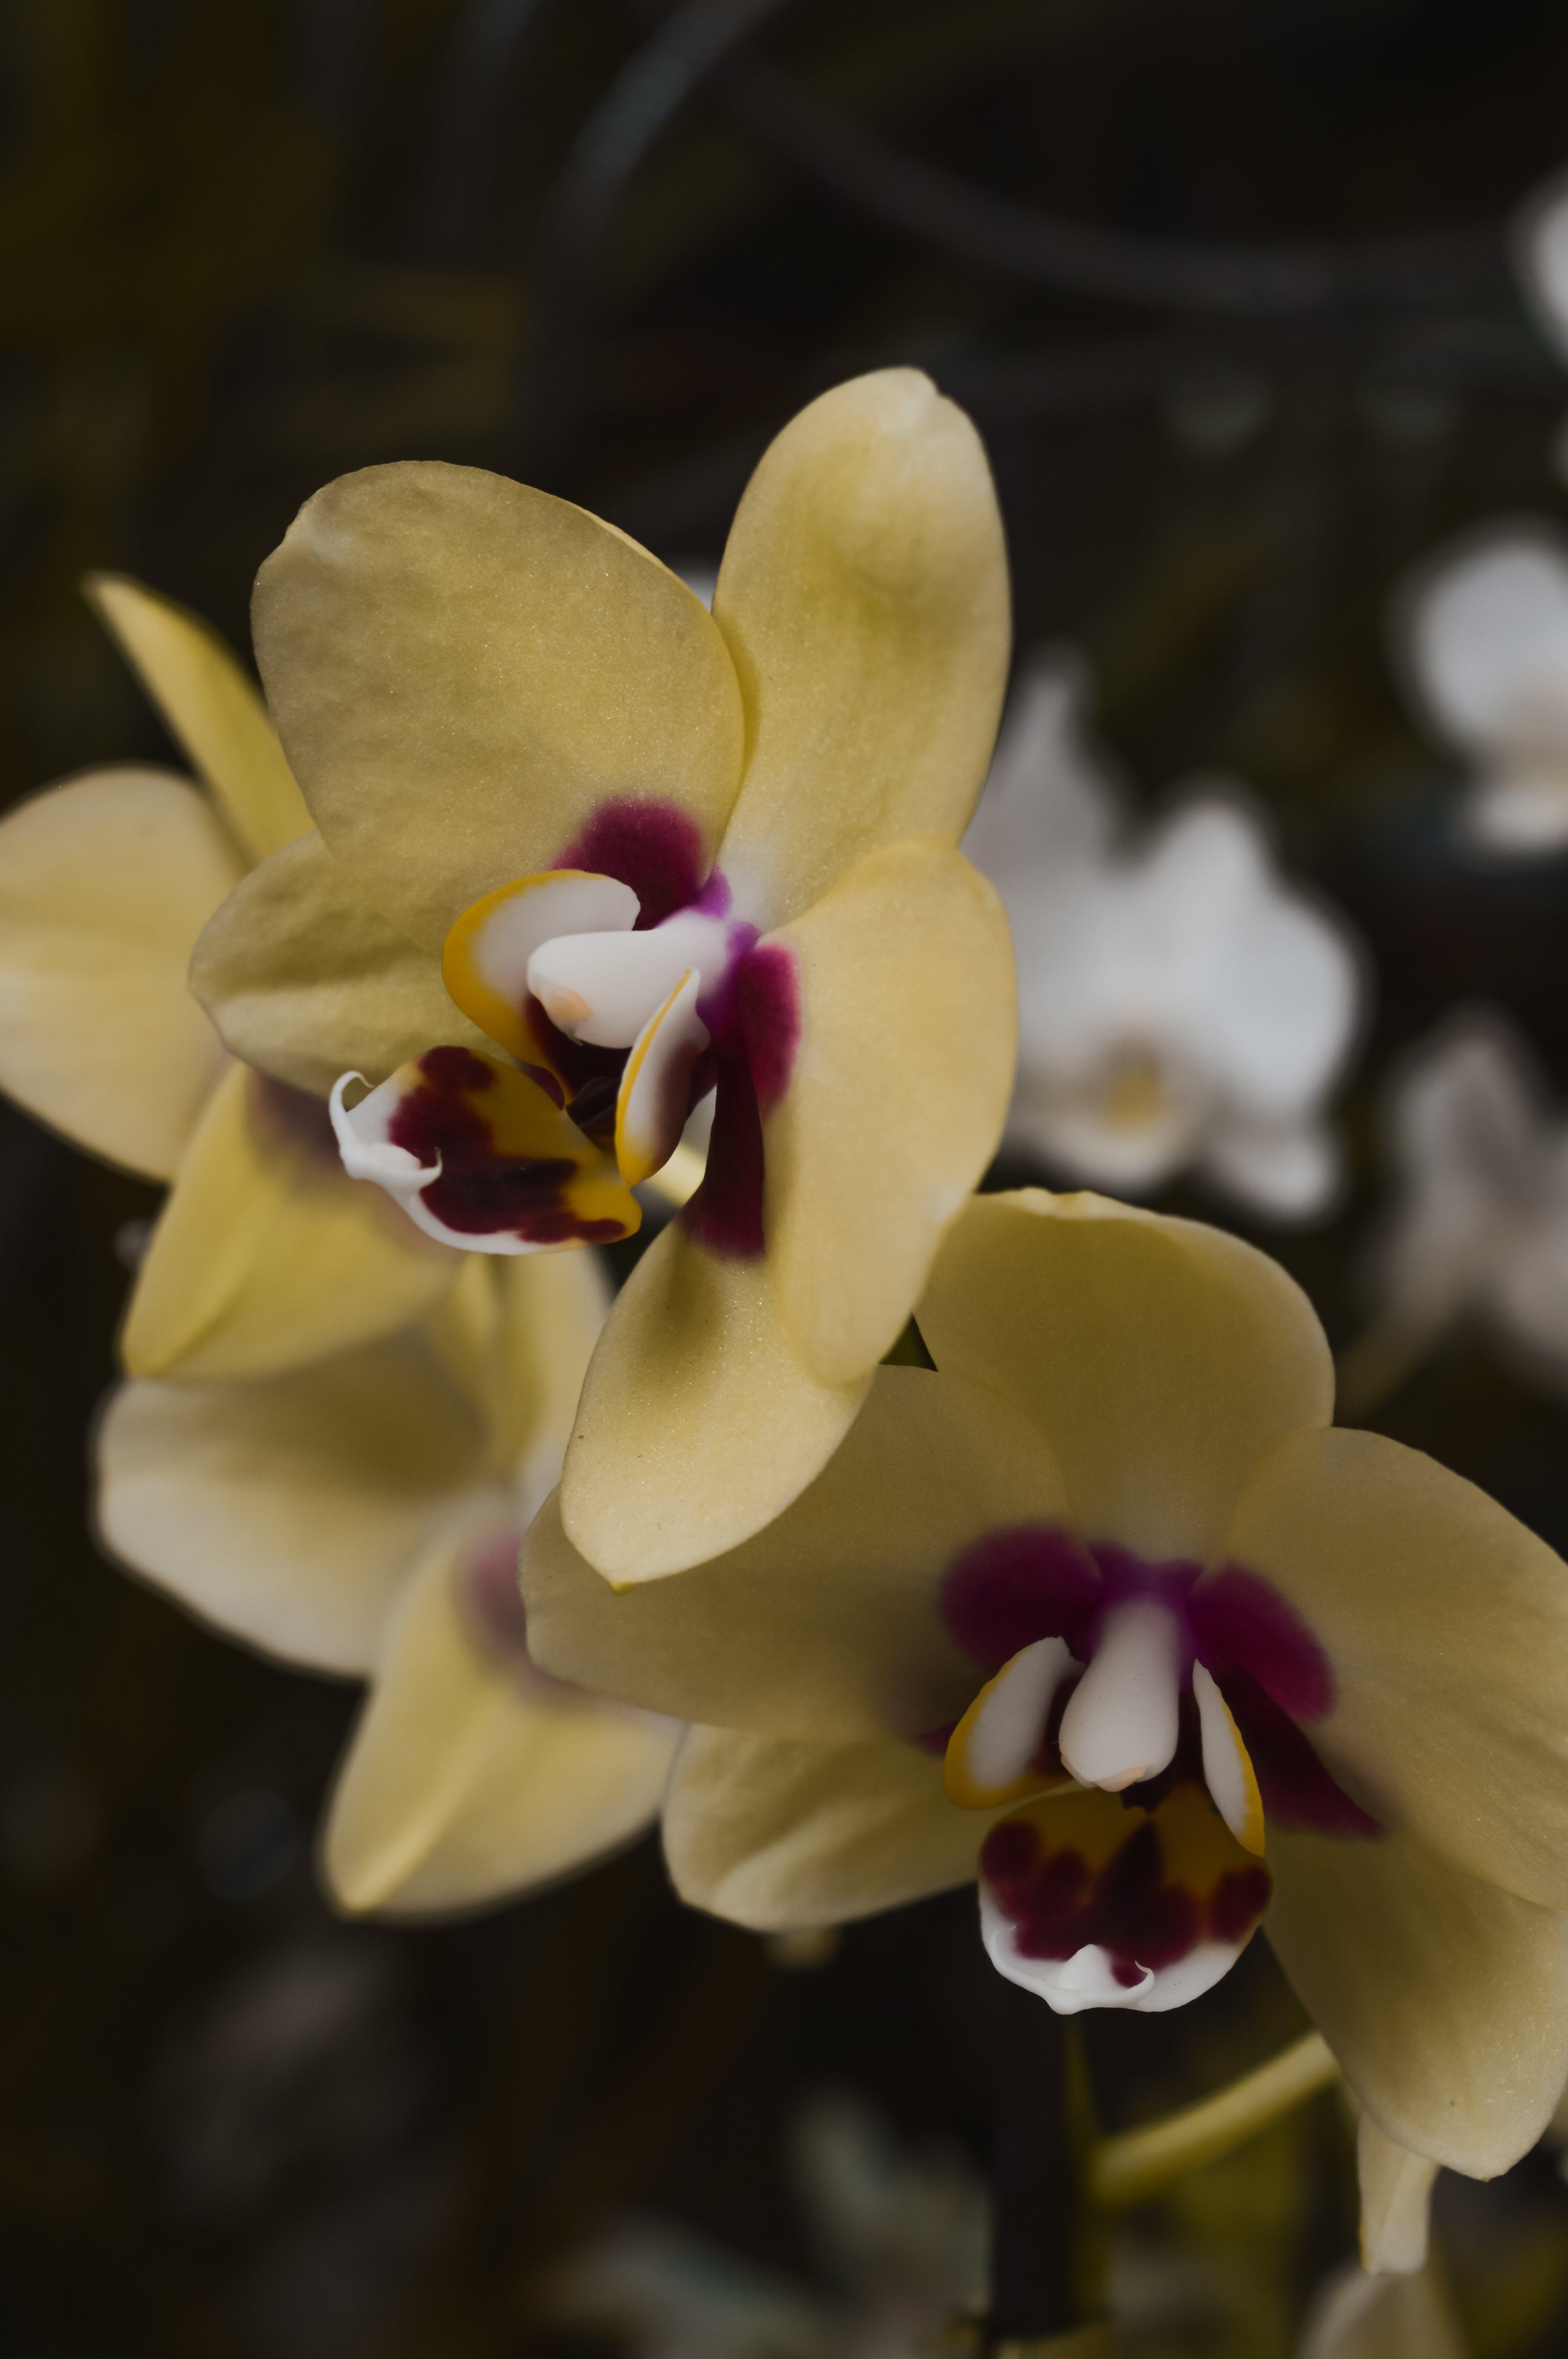 คลังภาพถ่ายฟรี ของ กล้วยไม้, กล้วยไม้สีเหลือง, ดอกสีเหลือง, ดอกไม้